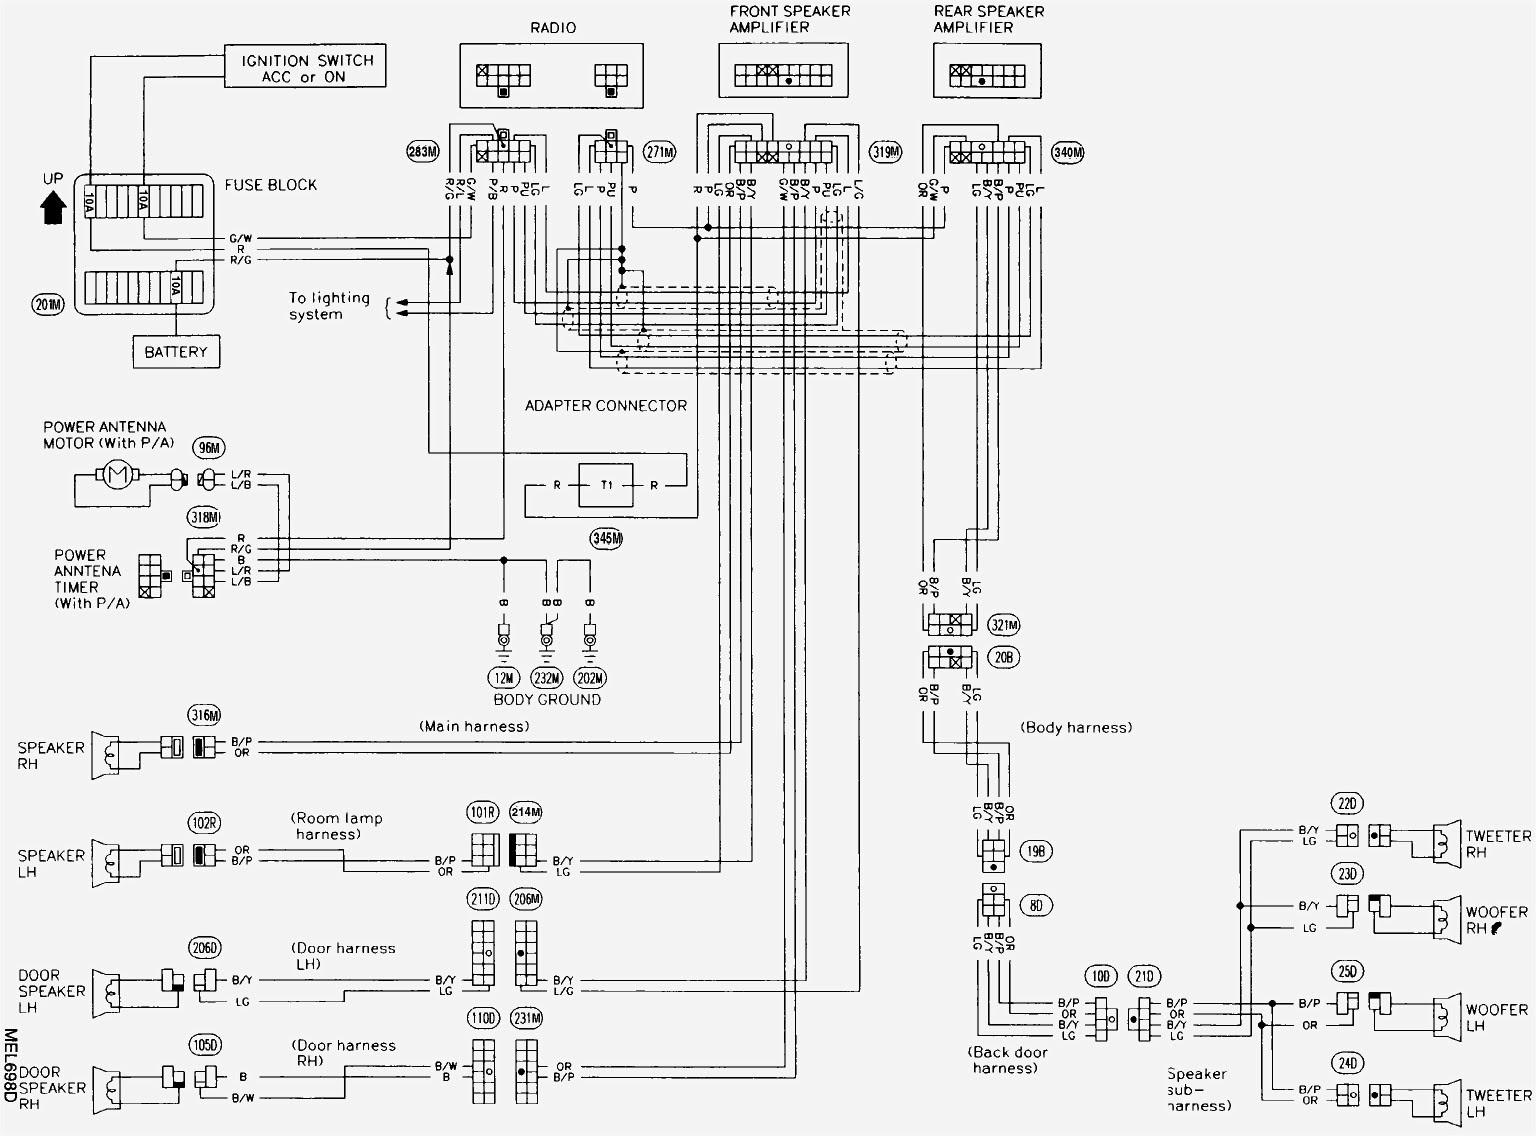 Freezer Wiring Schematic | True Refrigerator Wiring Diagram |  | Fuse Wiring